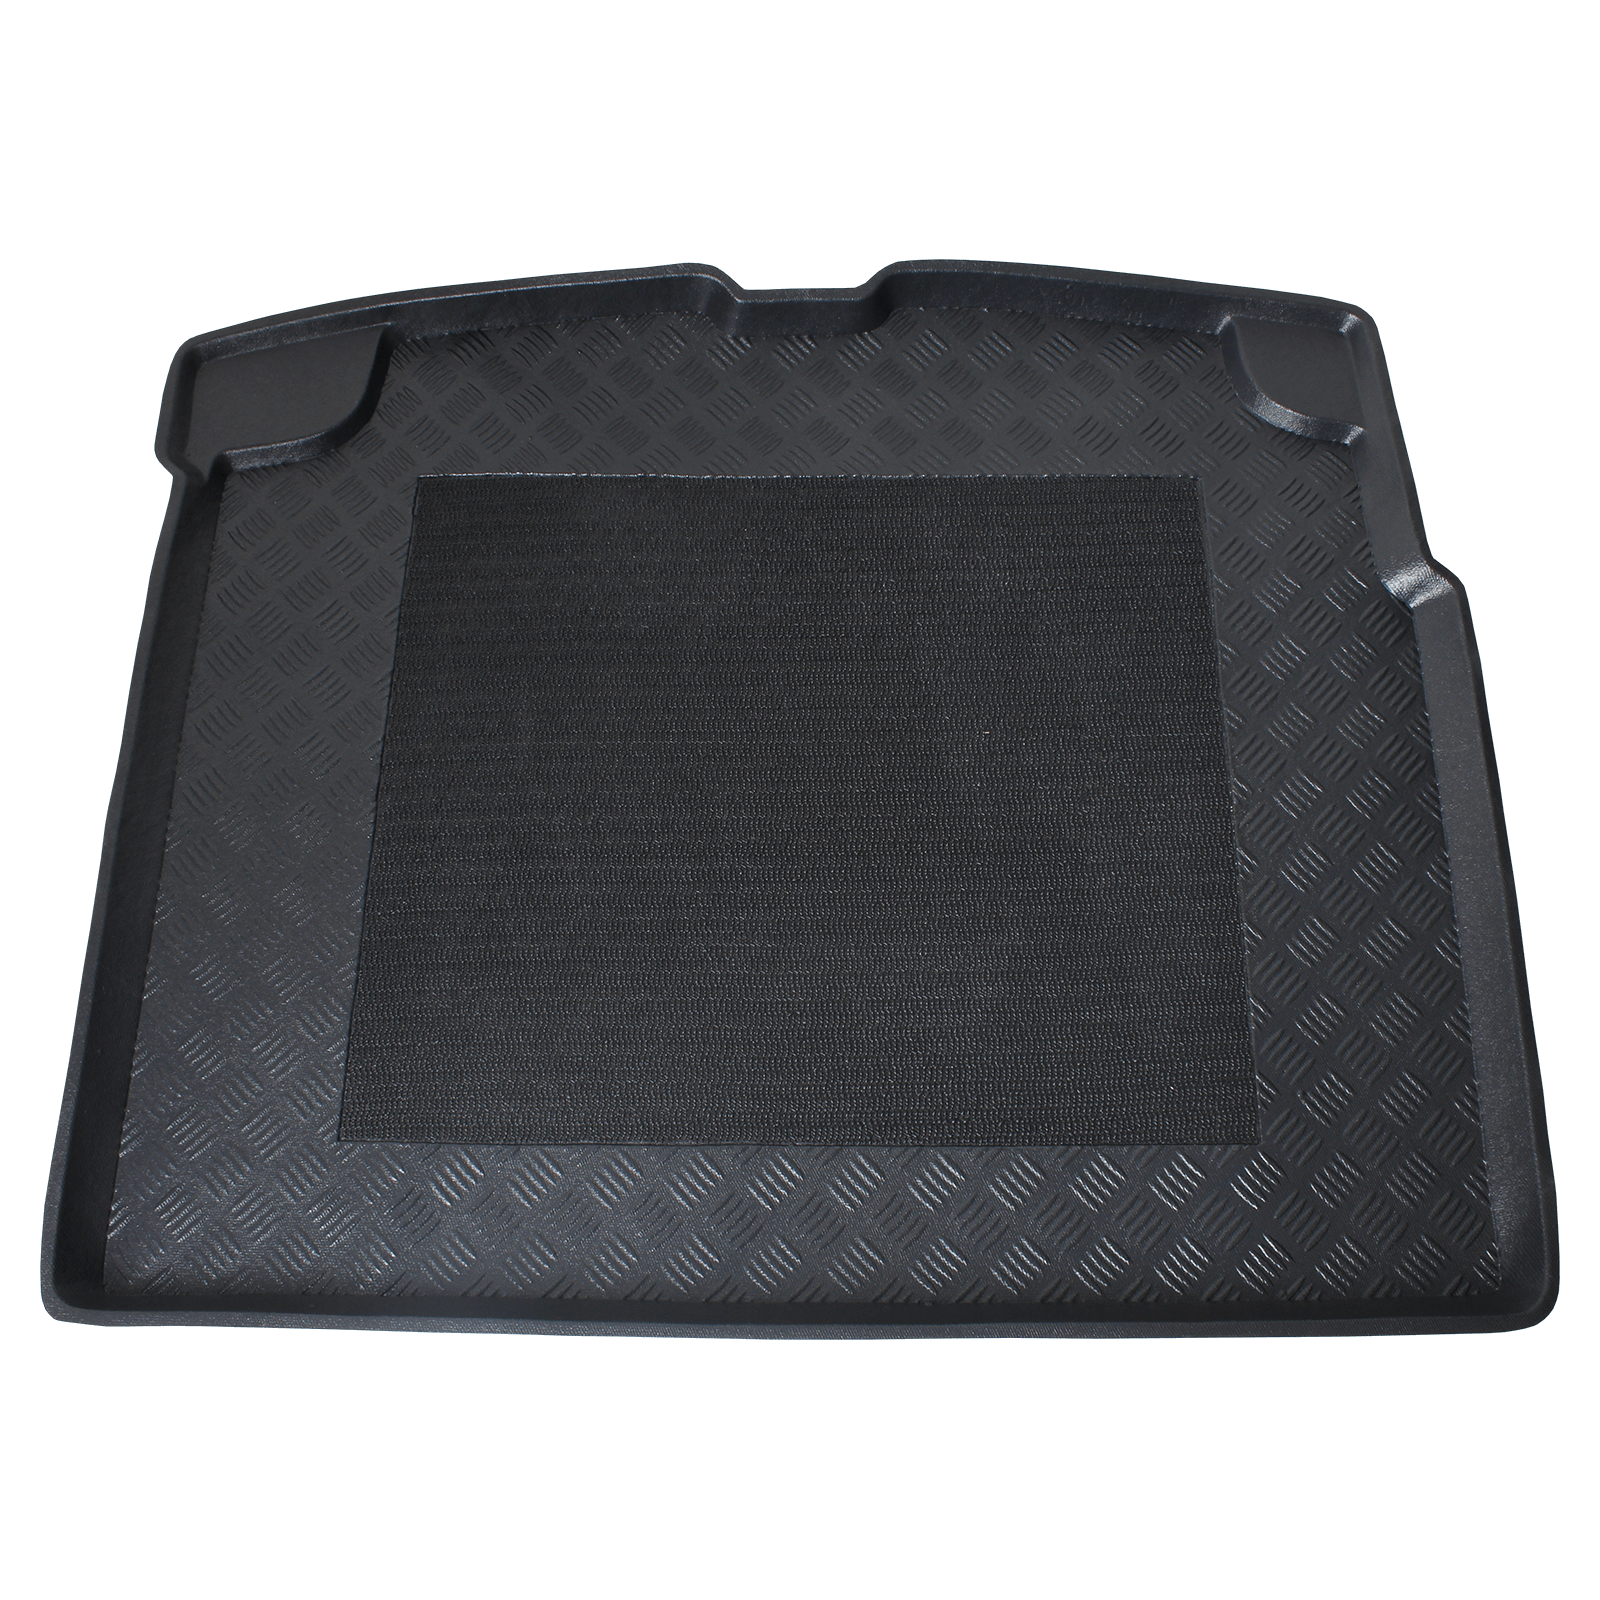 kofferraumwanne schwarz f r volvo xc60 ii bj. Black Bedroom Furniture Sets. Home Design Ideas